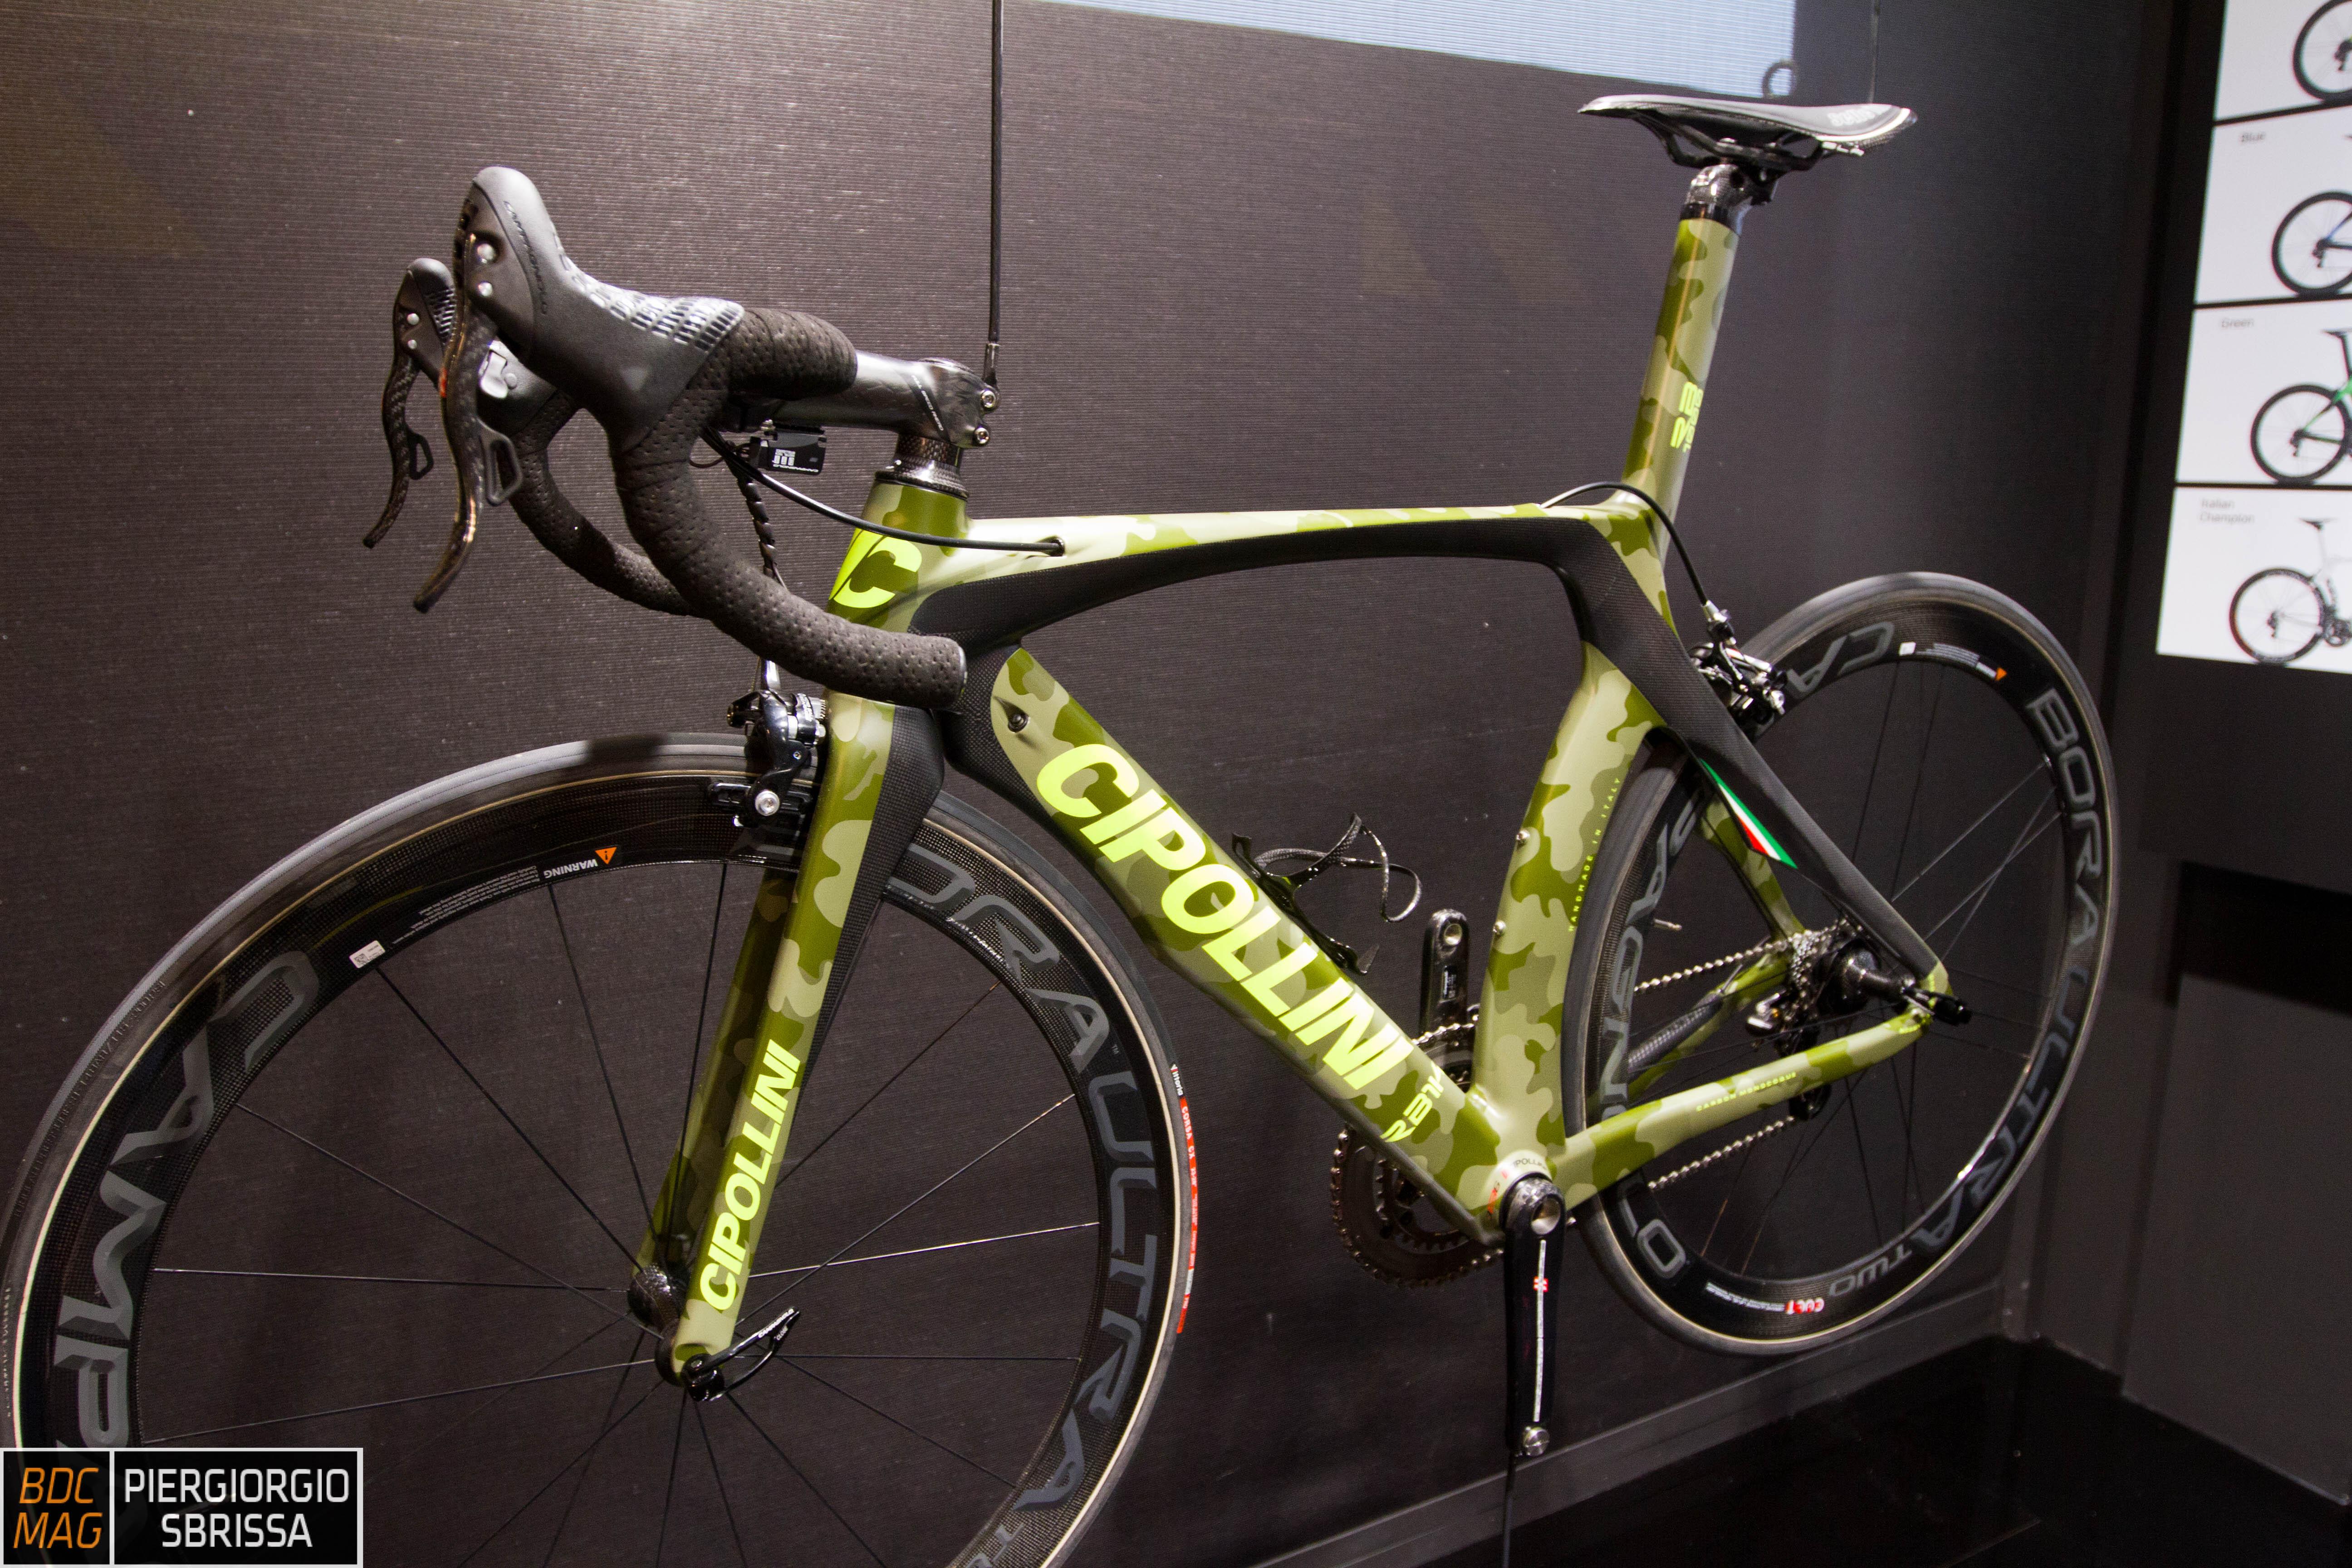 Eurobike 2014 Cipollini Bdc Mag Com Bici Da Corsa